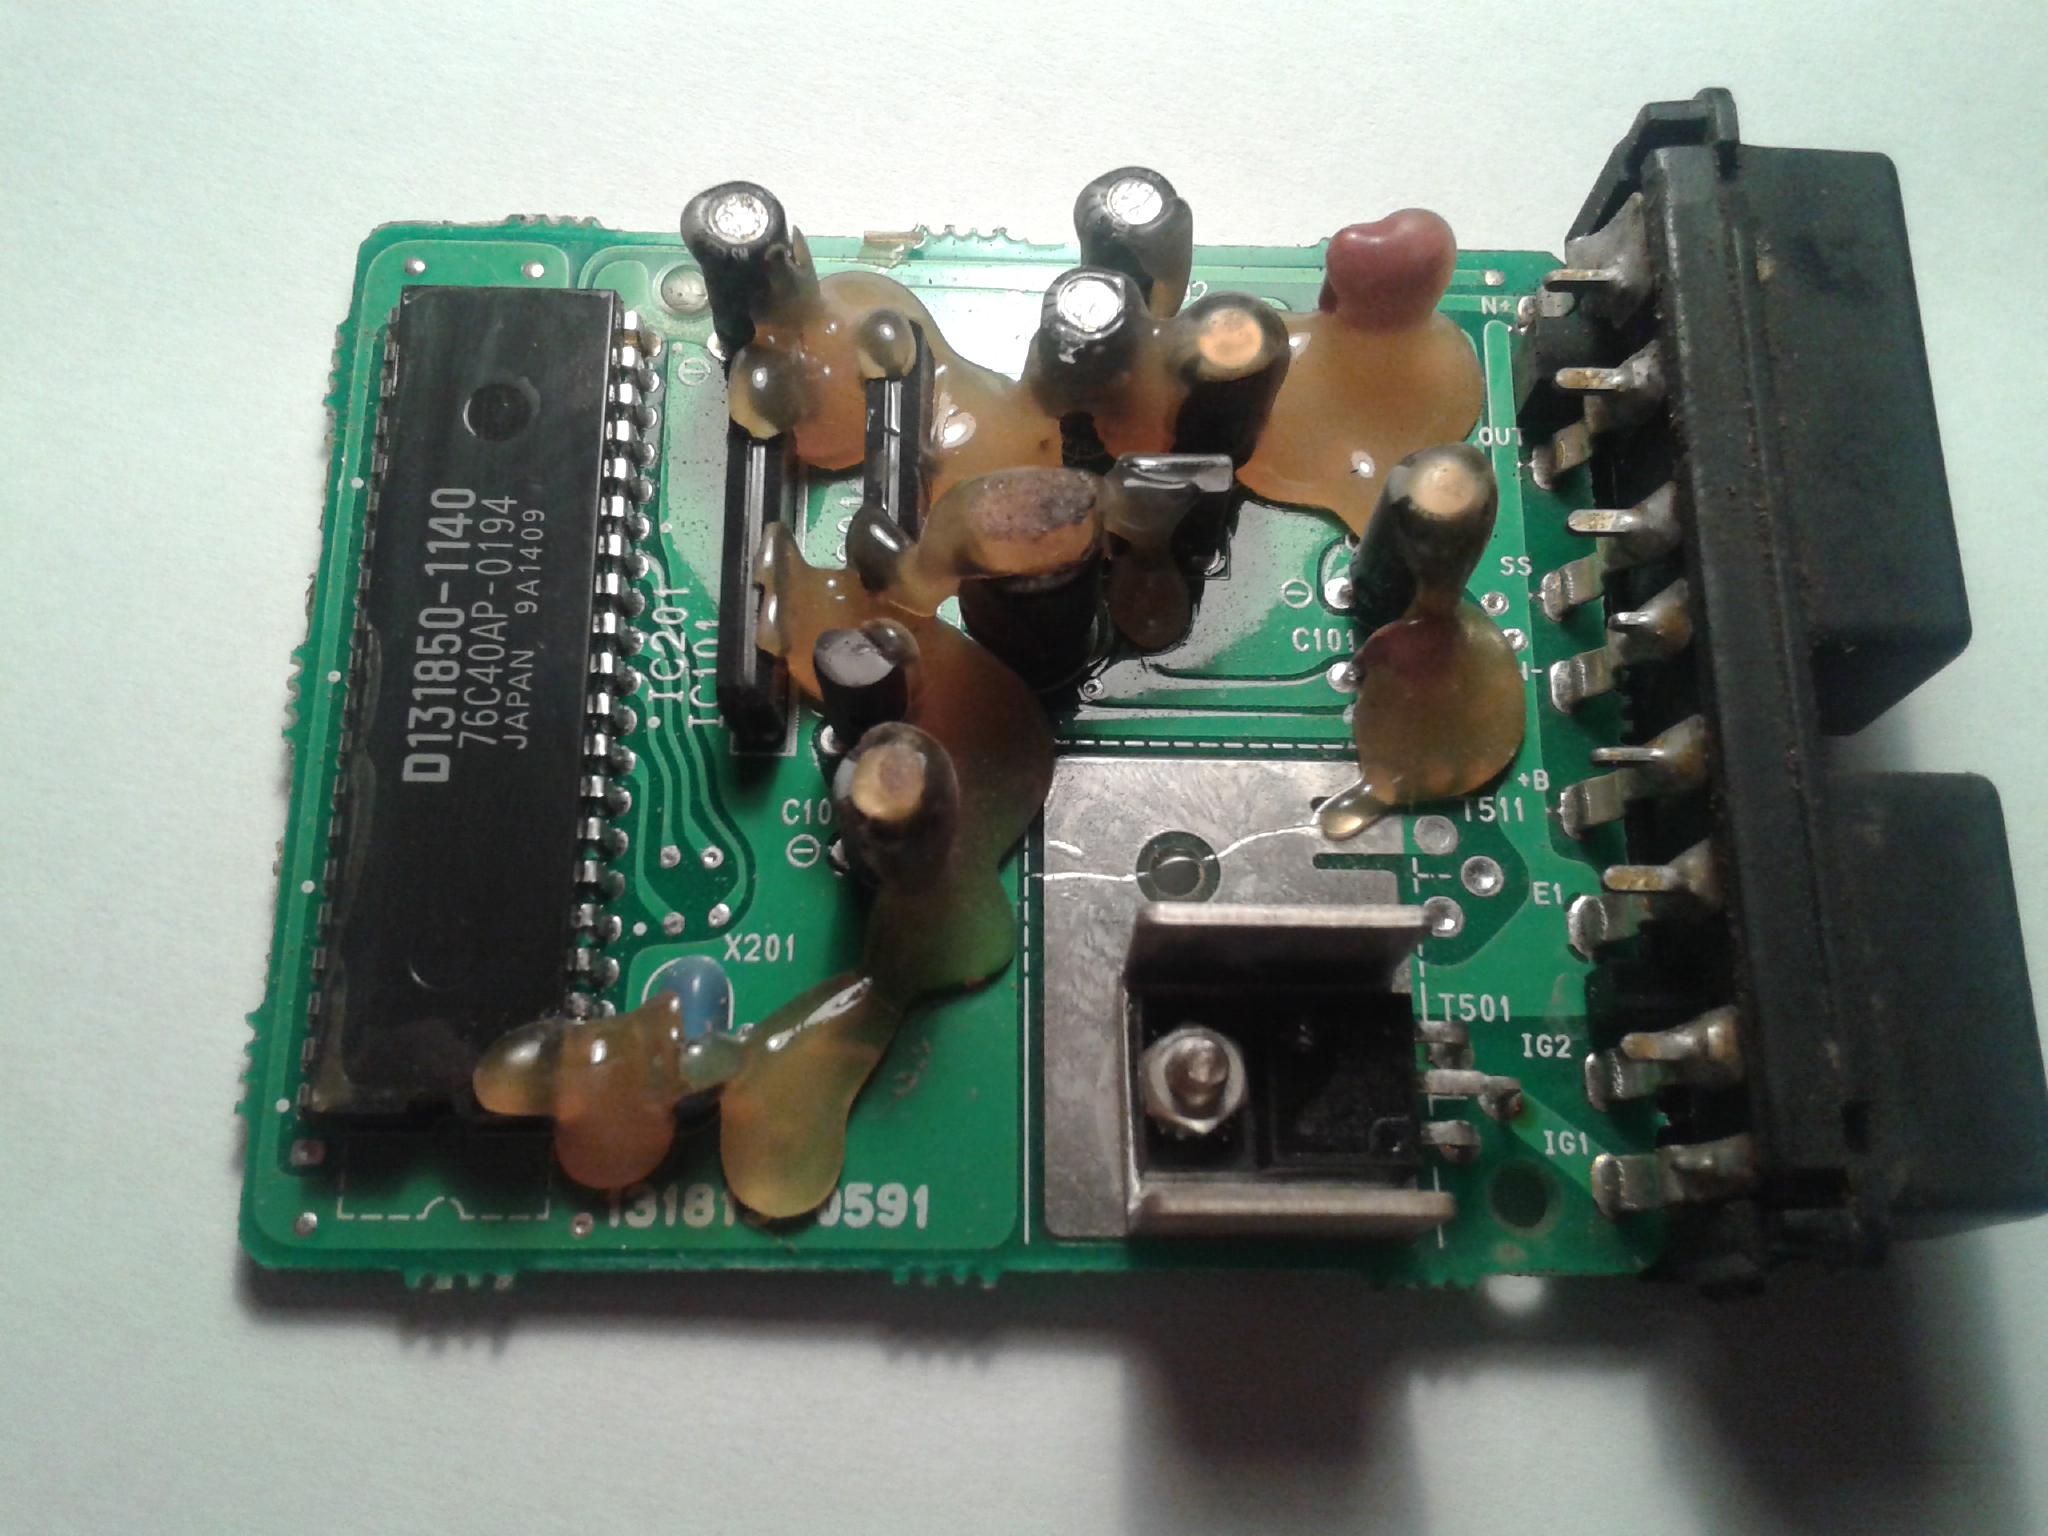 Co to za tranzystor z modu�u zap�onowego?